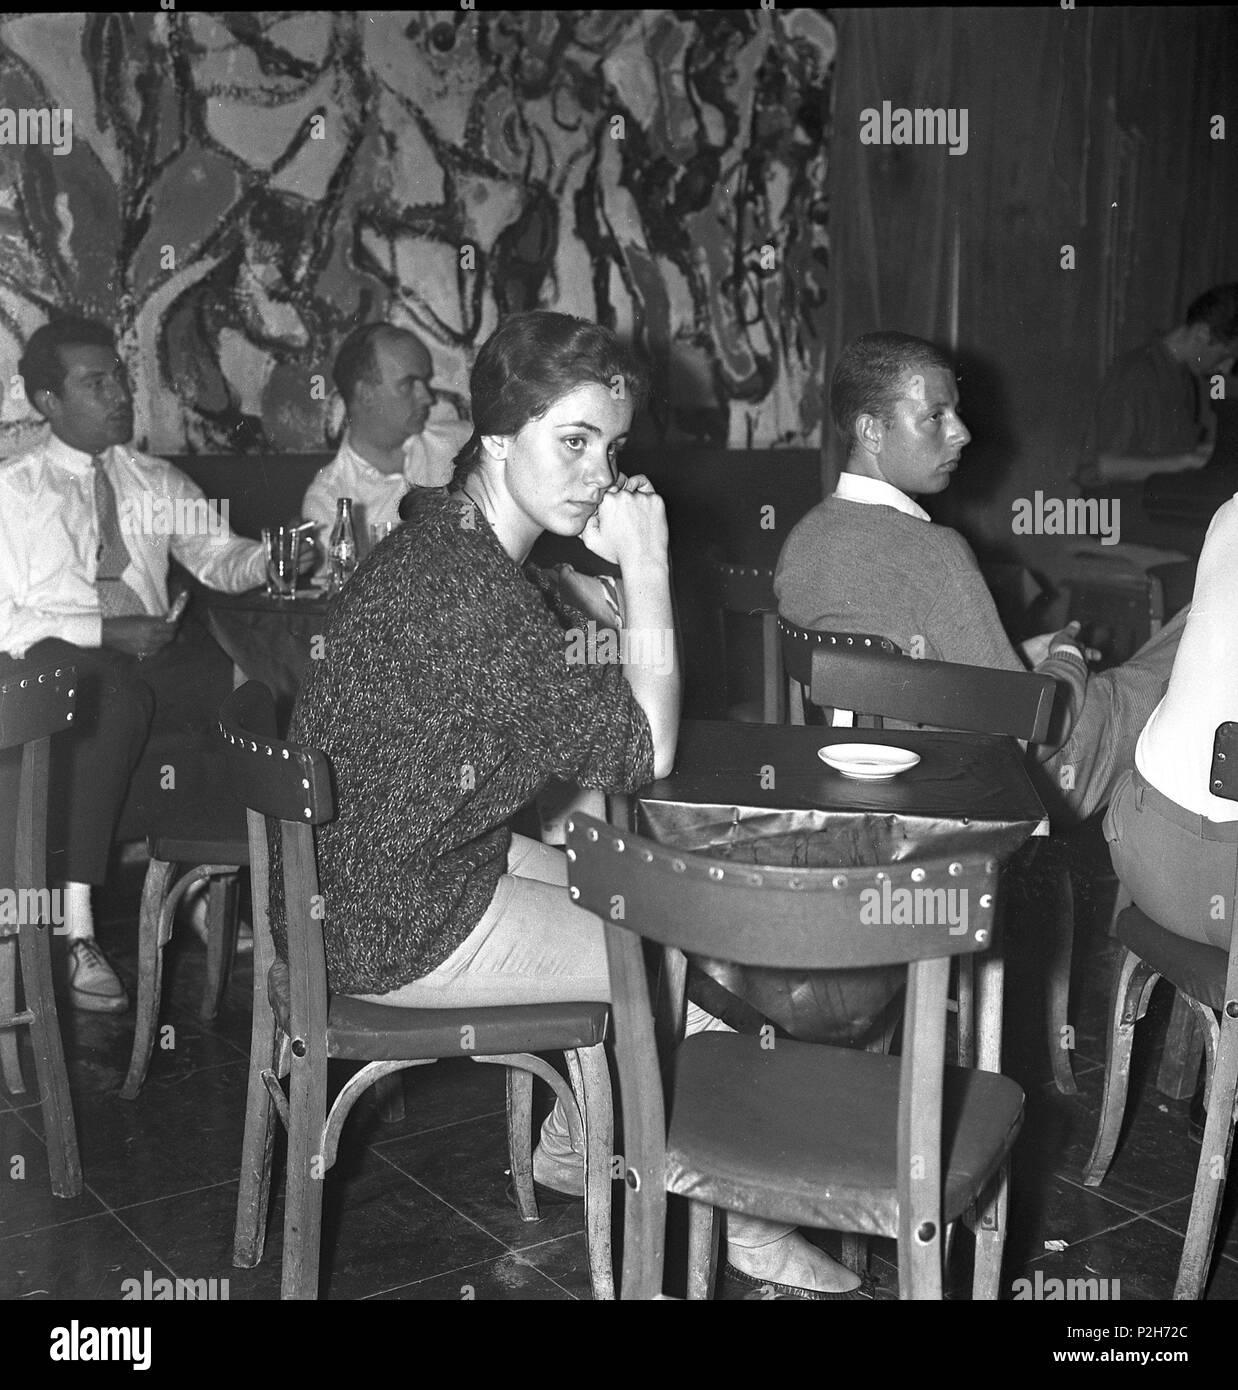 27842bdb3 Ambiente en la sala Jamboree. Barcelona, a principios de los años 60 ...